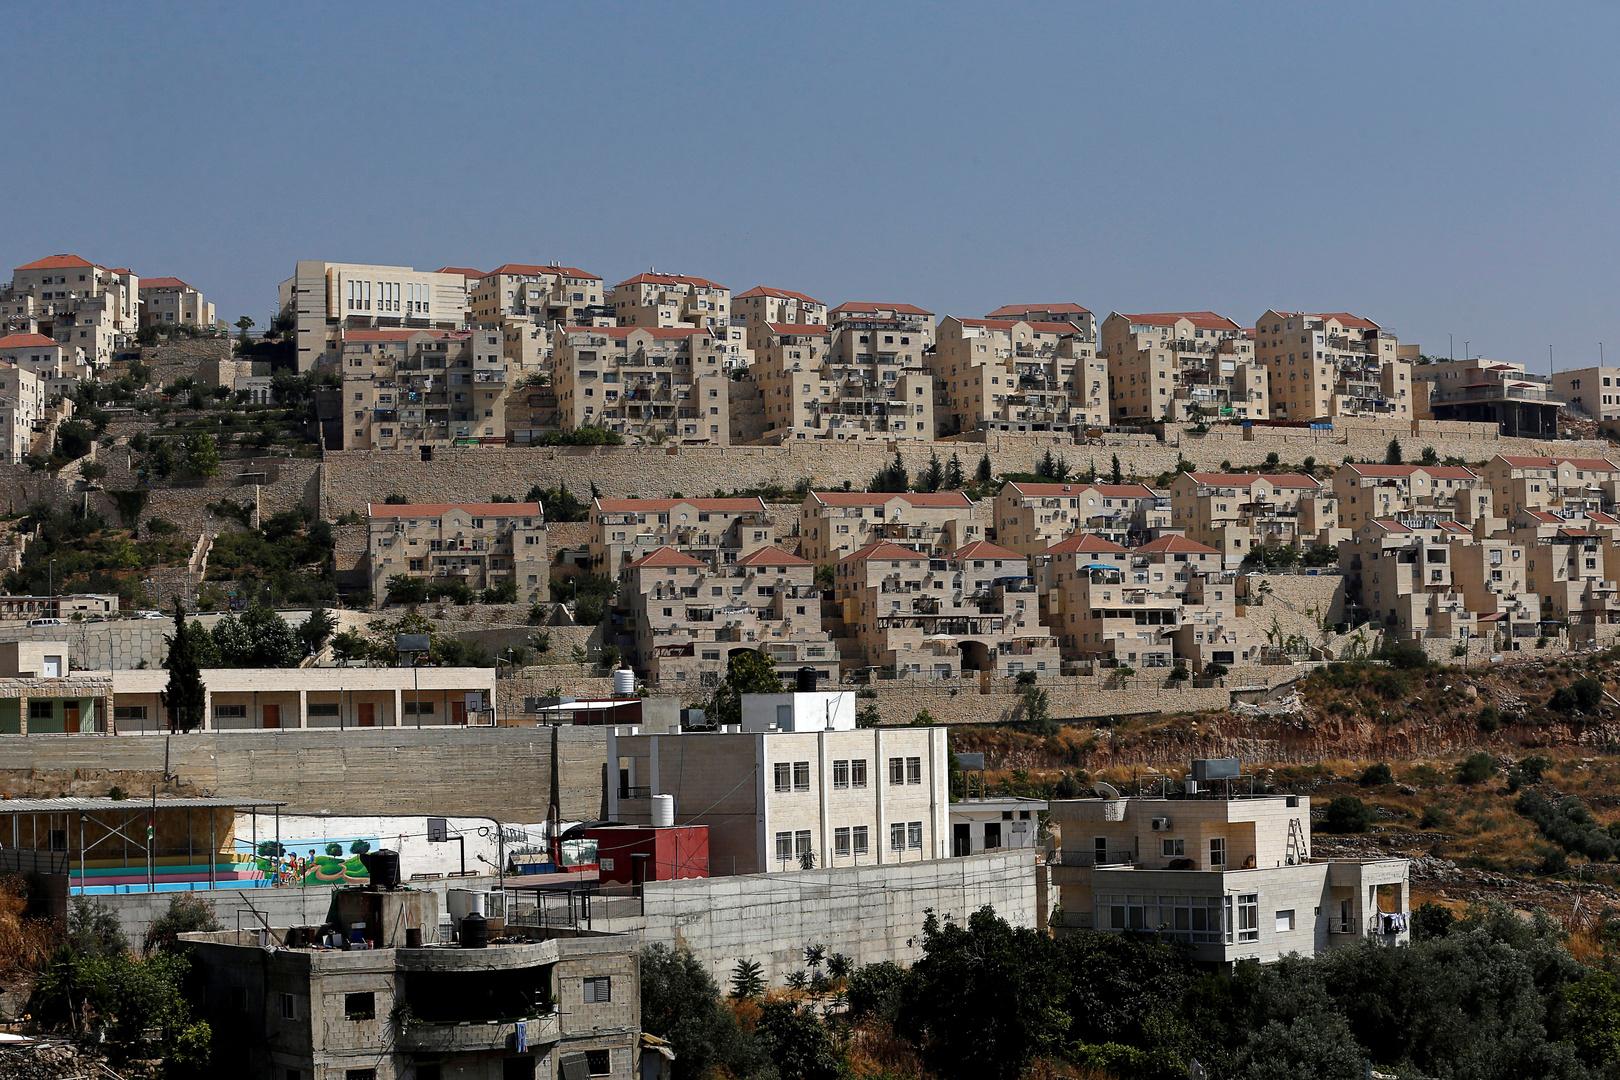 إسرائيل تشكل هيئة مراقبين بالضفة الغربية